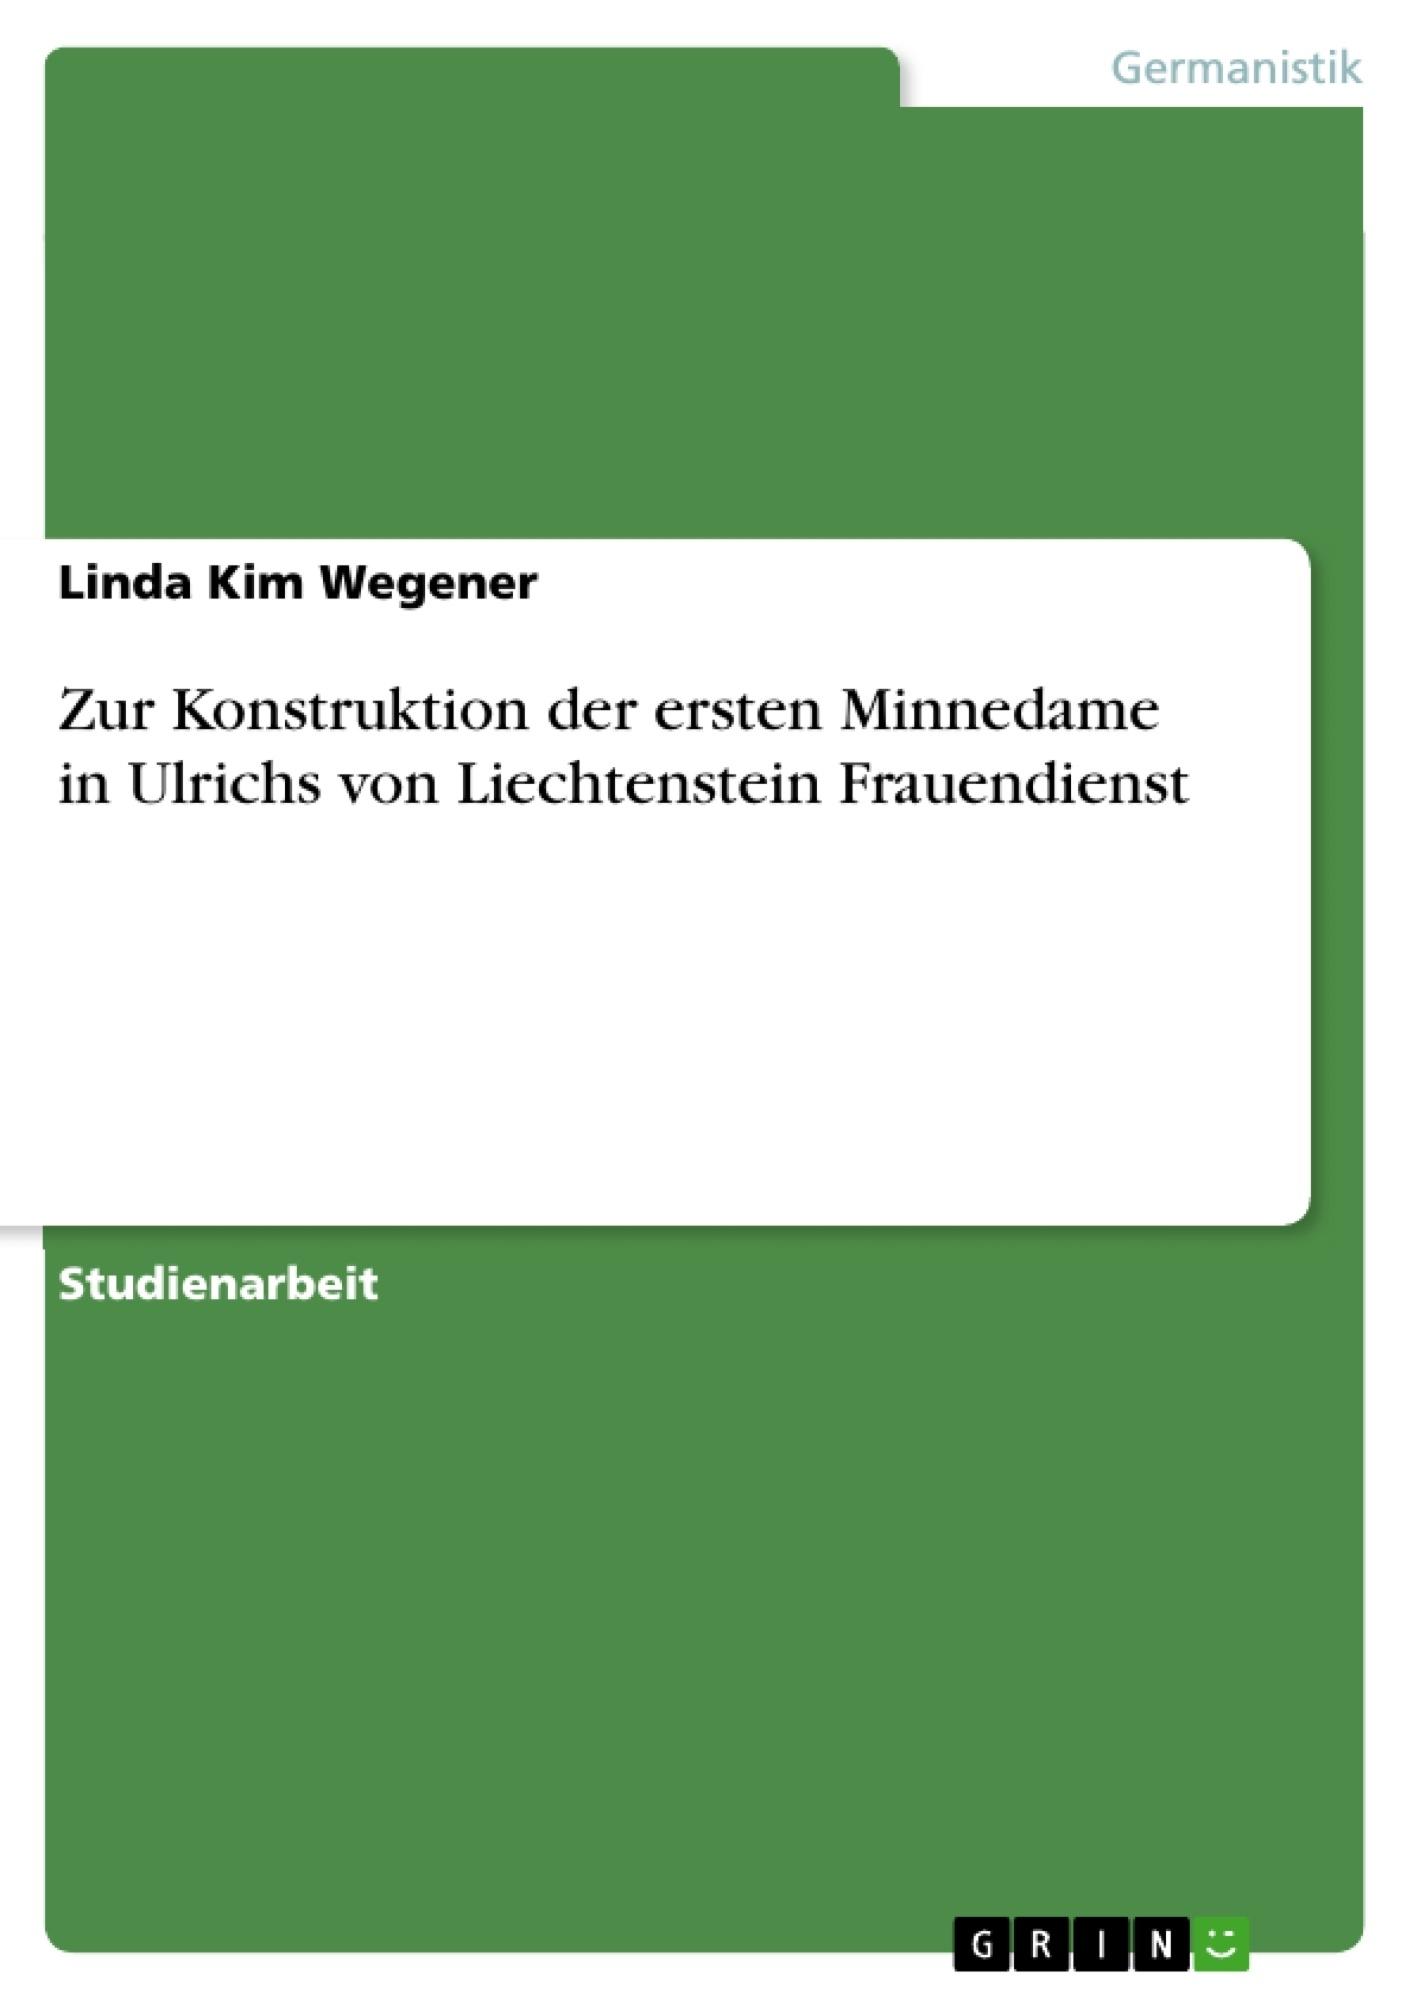 Titel: Zur Konstruktion der ersten Minnedame in Ulrichs von Liechtenstein Frauendienst